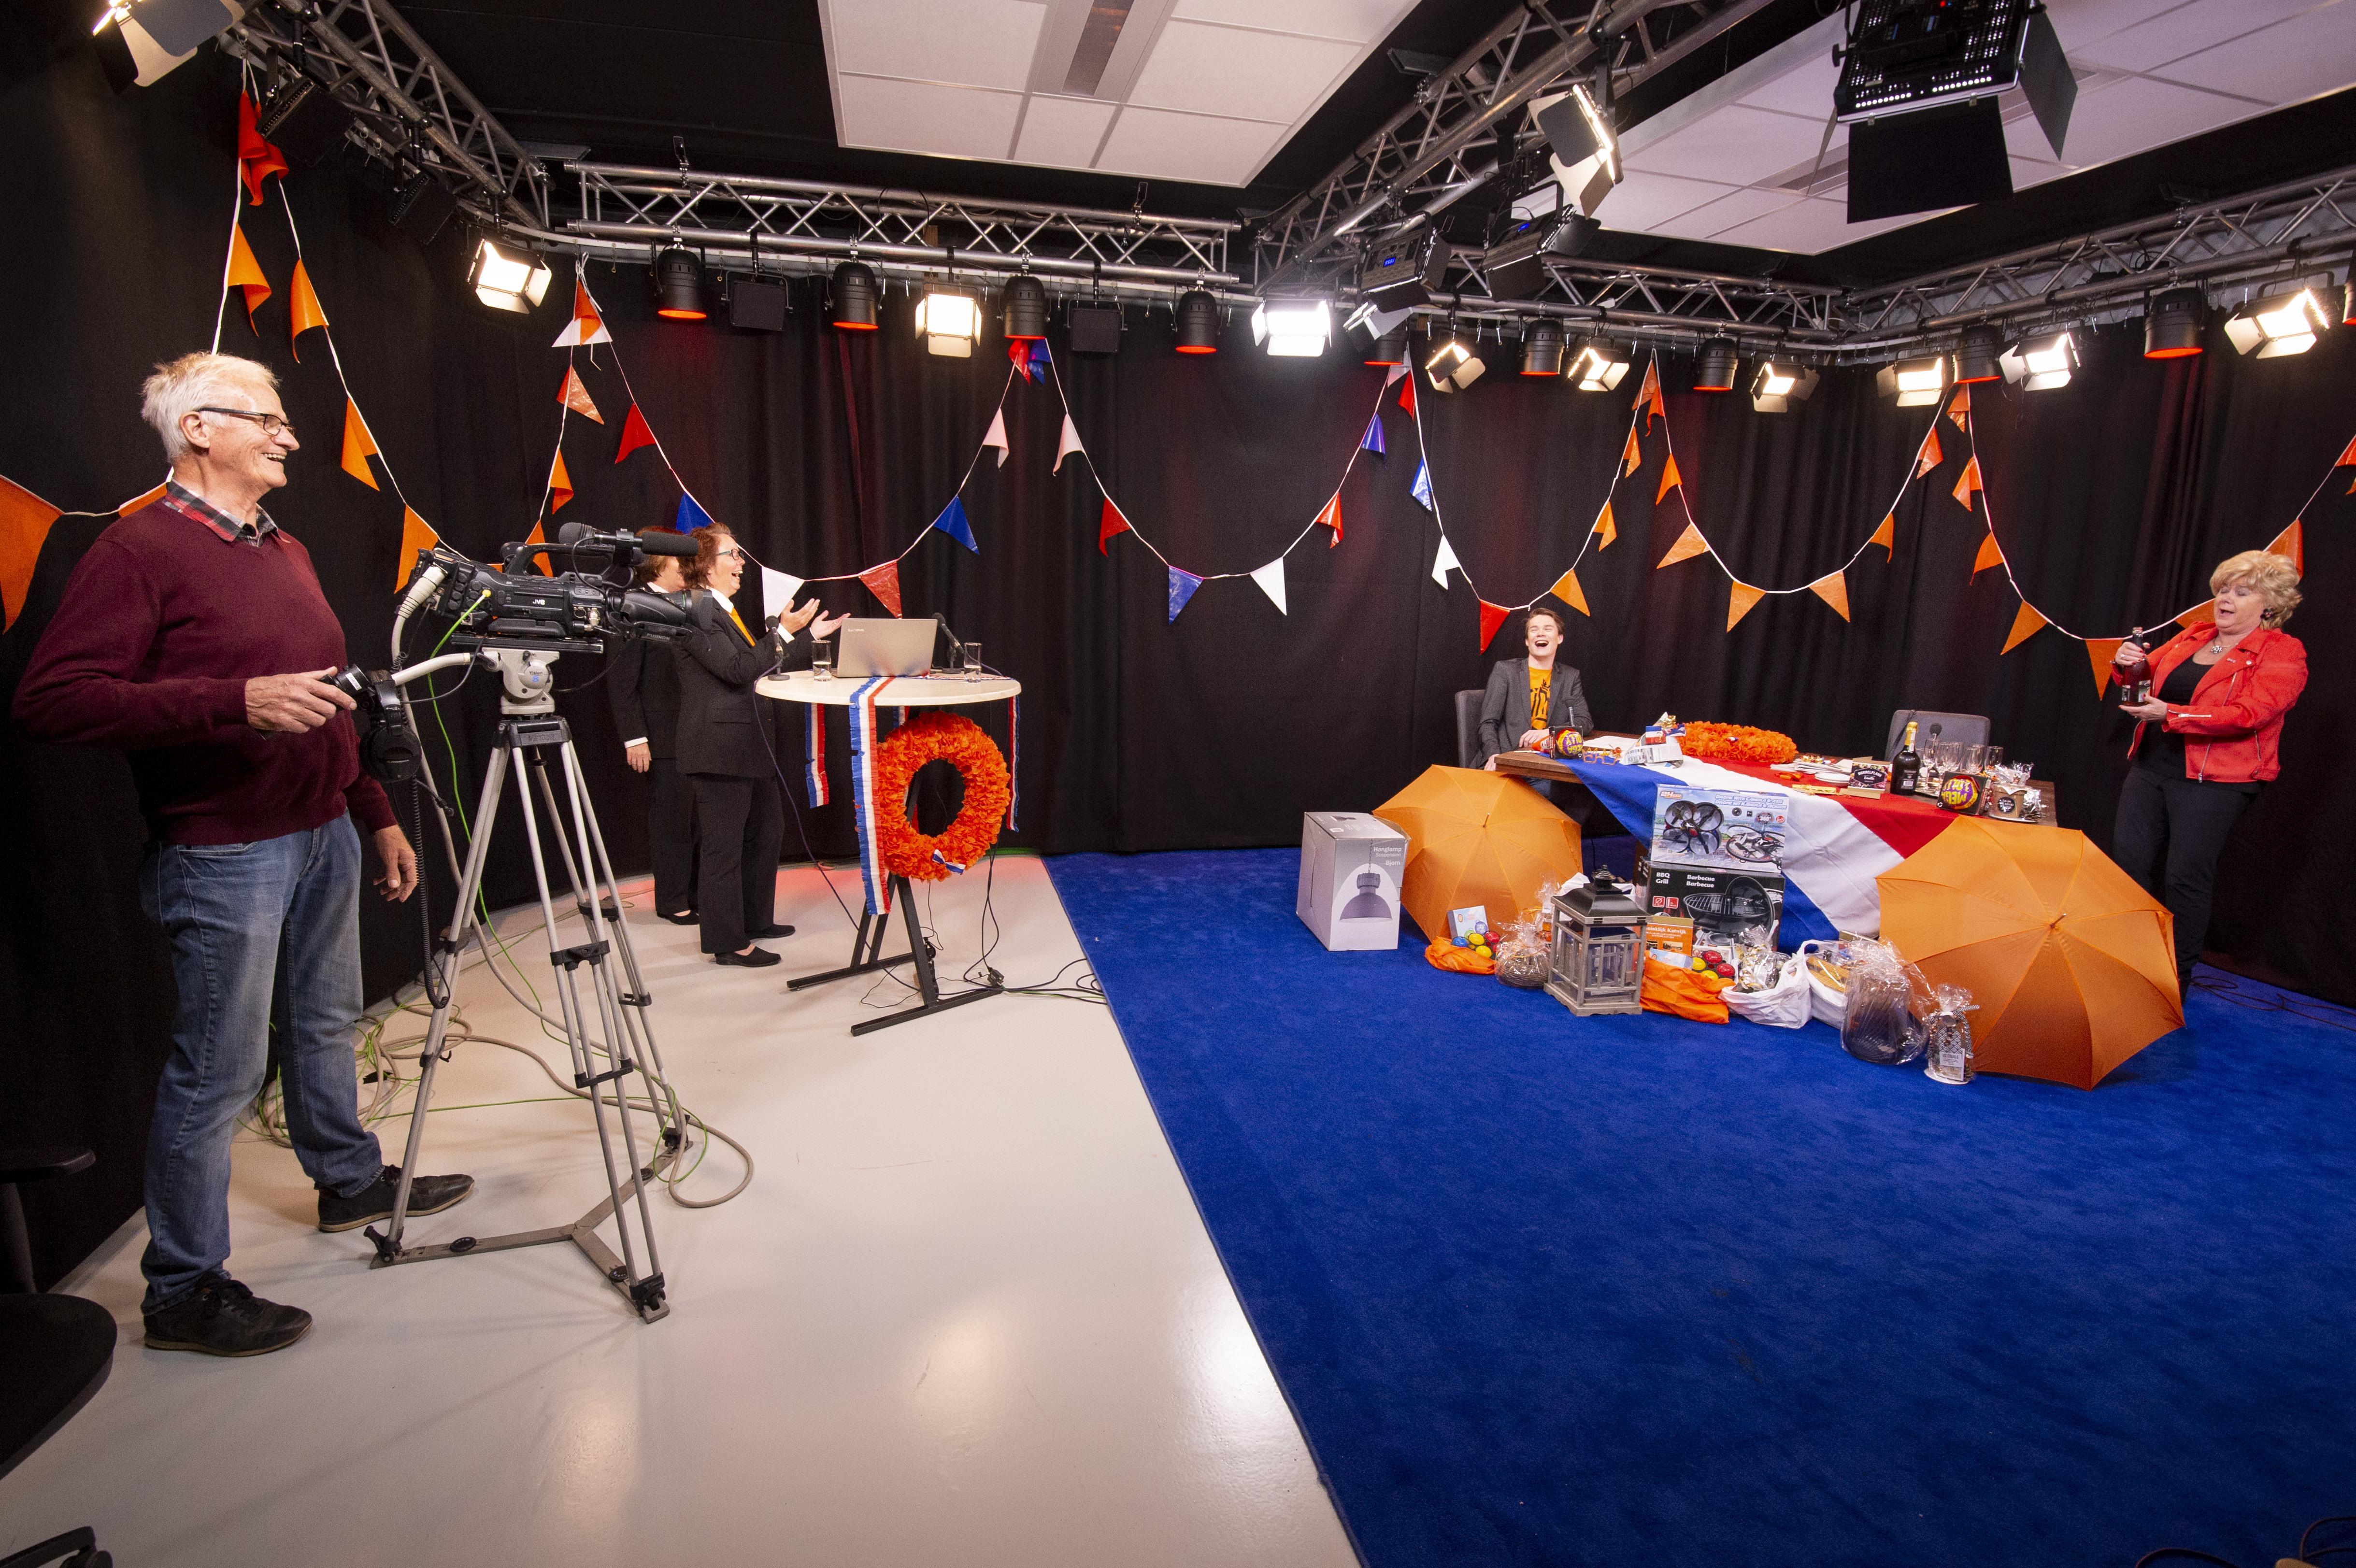 Katwijkse thuisblijf-televisie met een koninklijk tintje